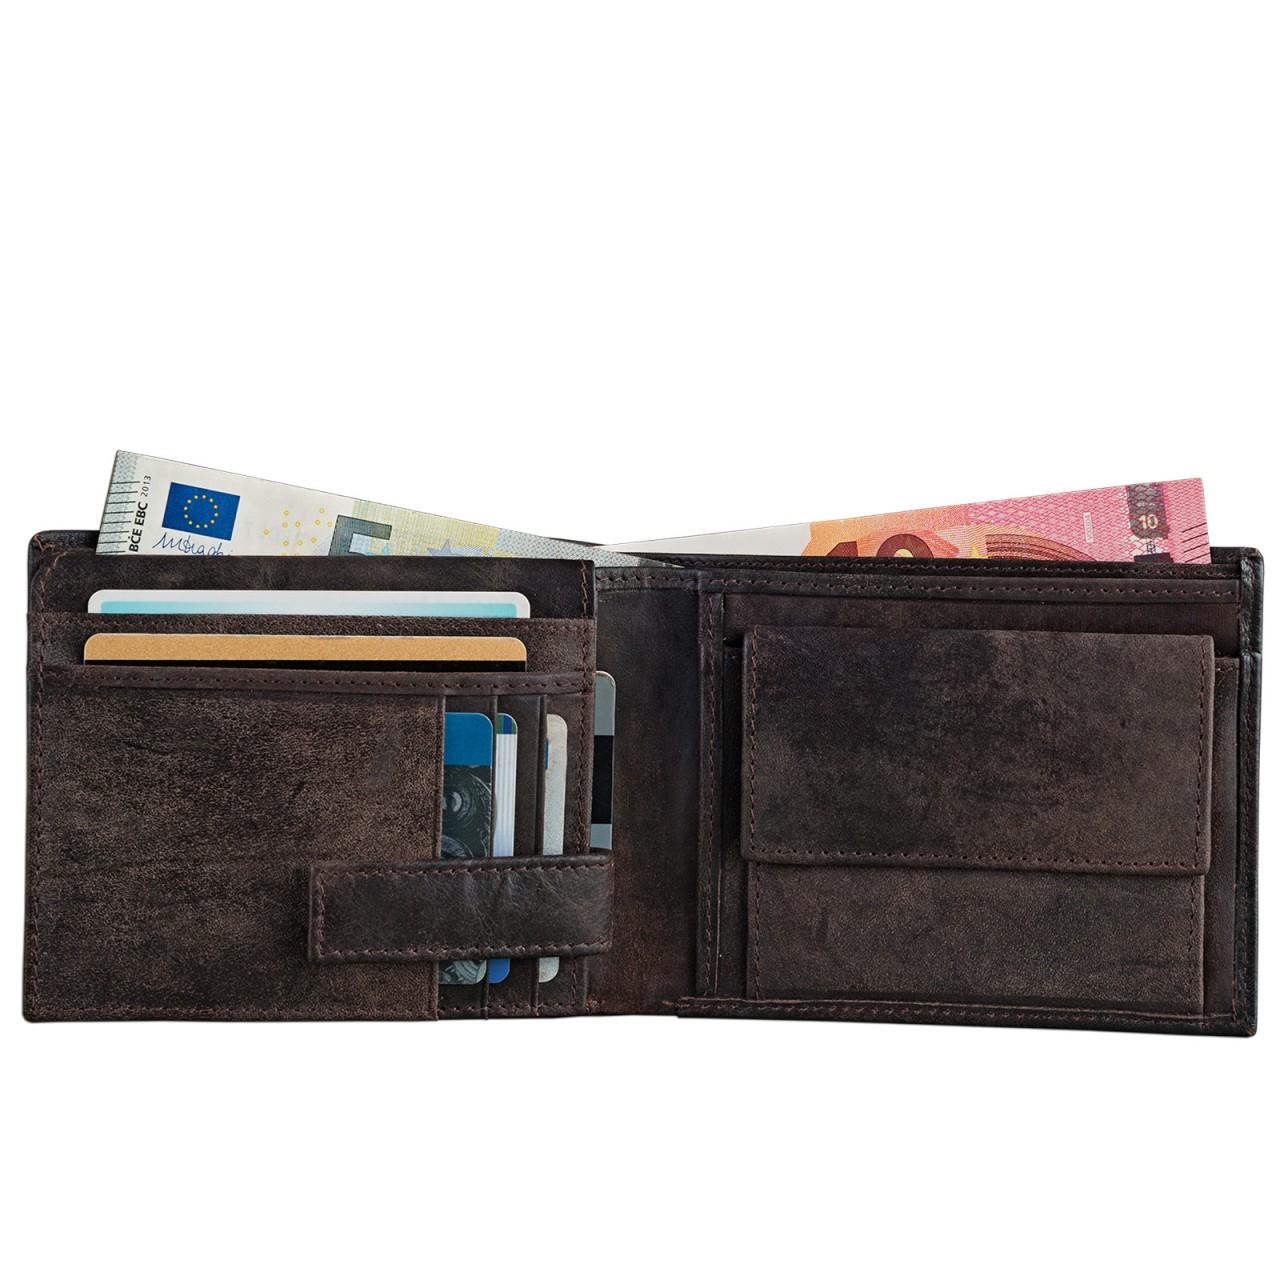 STILORD Vintage Leder Geldbörse mit EC-Karten Schutz Herren Portemonnaie Brieftasche elegant  Retro Rindsleder dunkelbraun - Bild 6